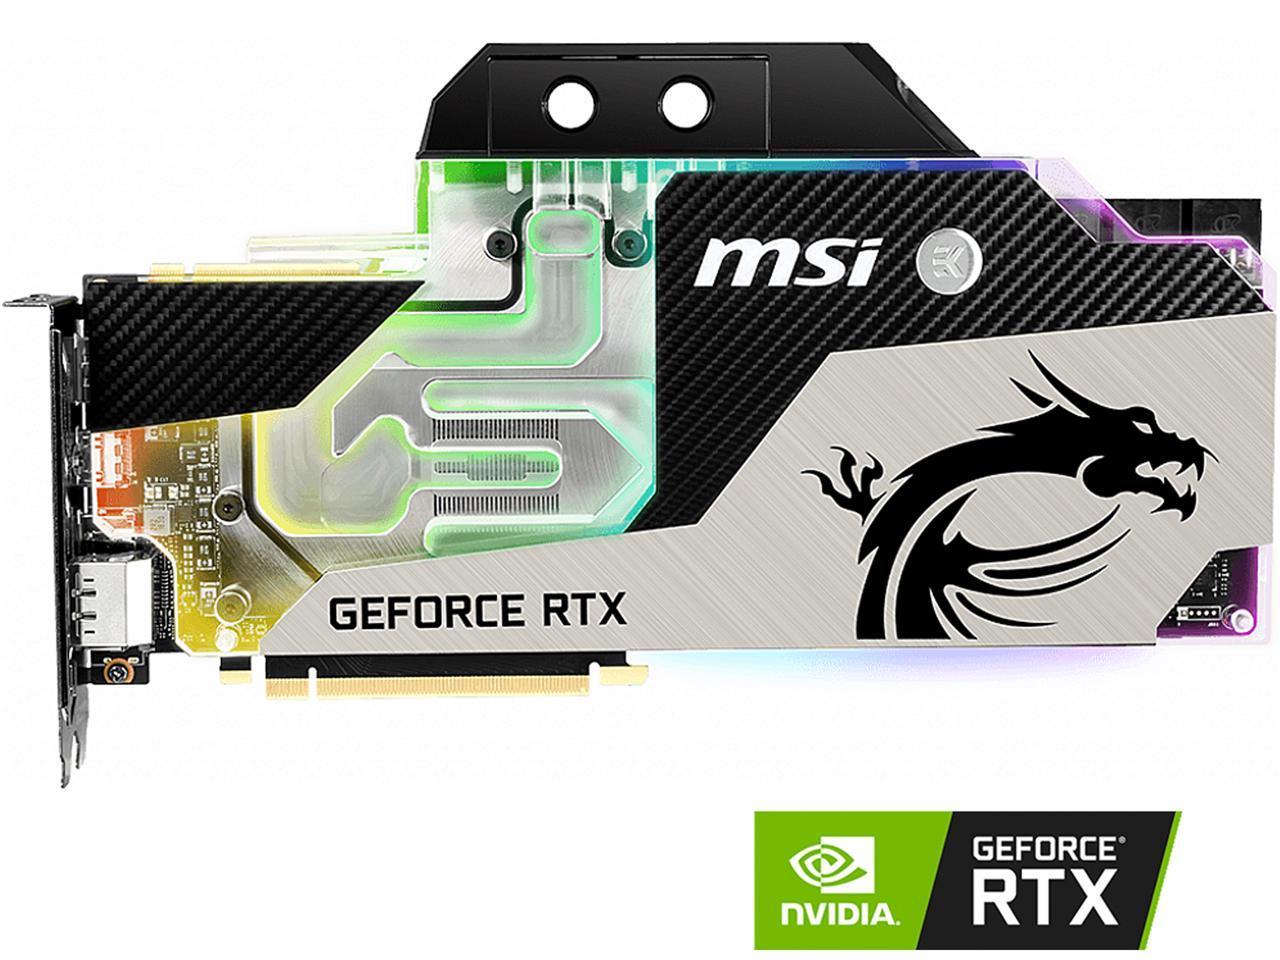 Details about MSI GeForce RTX 2080 Ti DirectX 12 RTX 2080 TI SEA HAWK EK X  11GB 352-Bit GDDR6